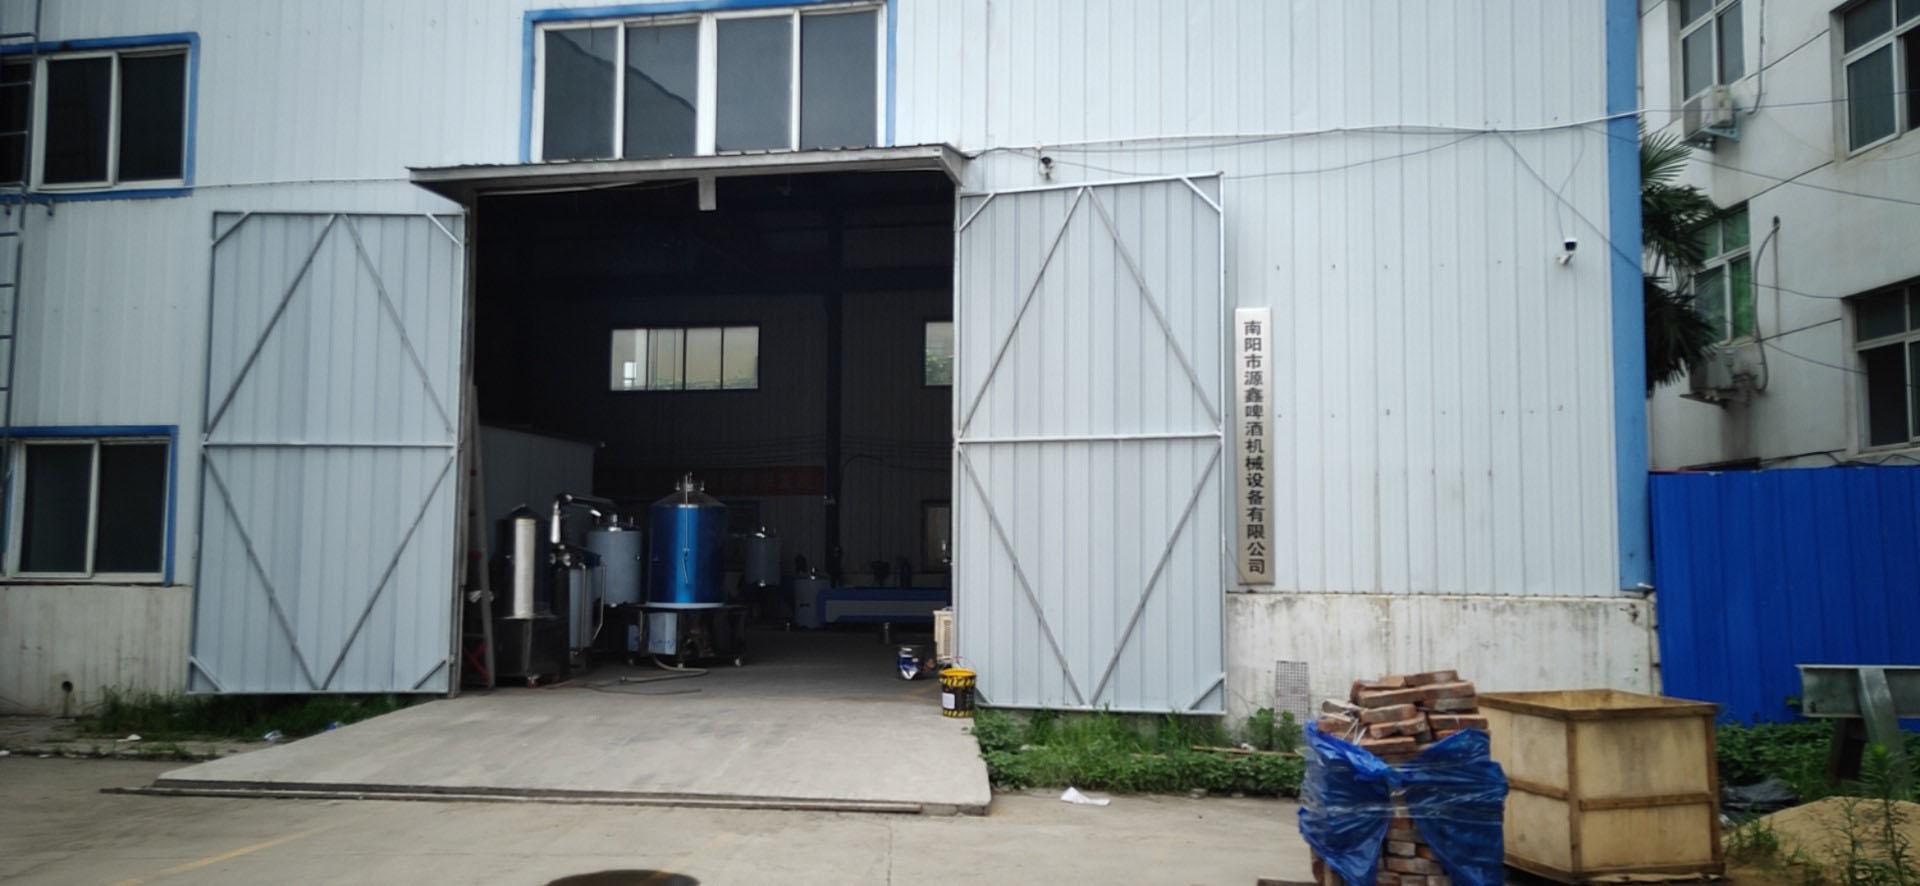 送彩金200的网站大白菜啤酒设备工厂大门展示